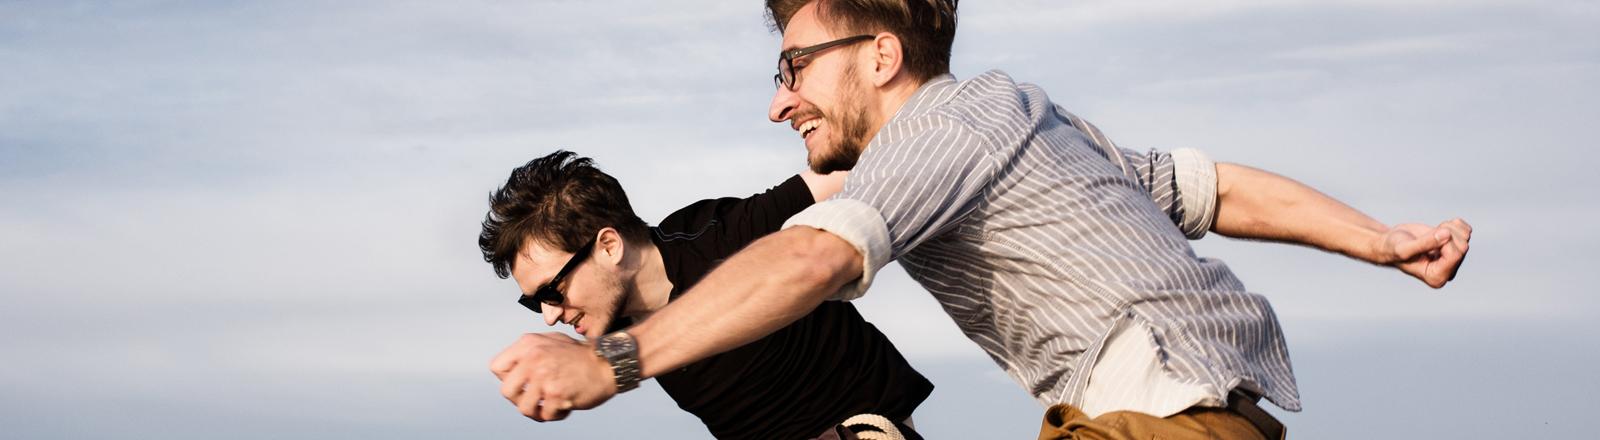 Zwei Männer springen am Strand in die Luft